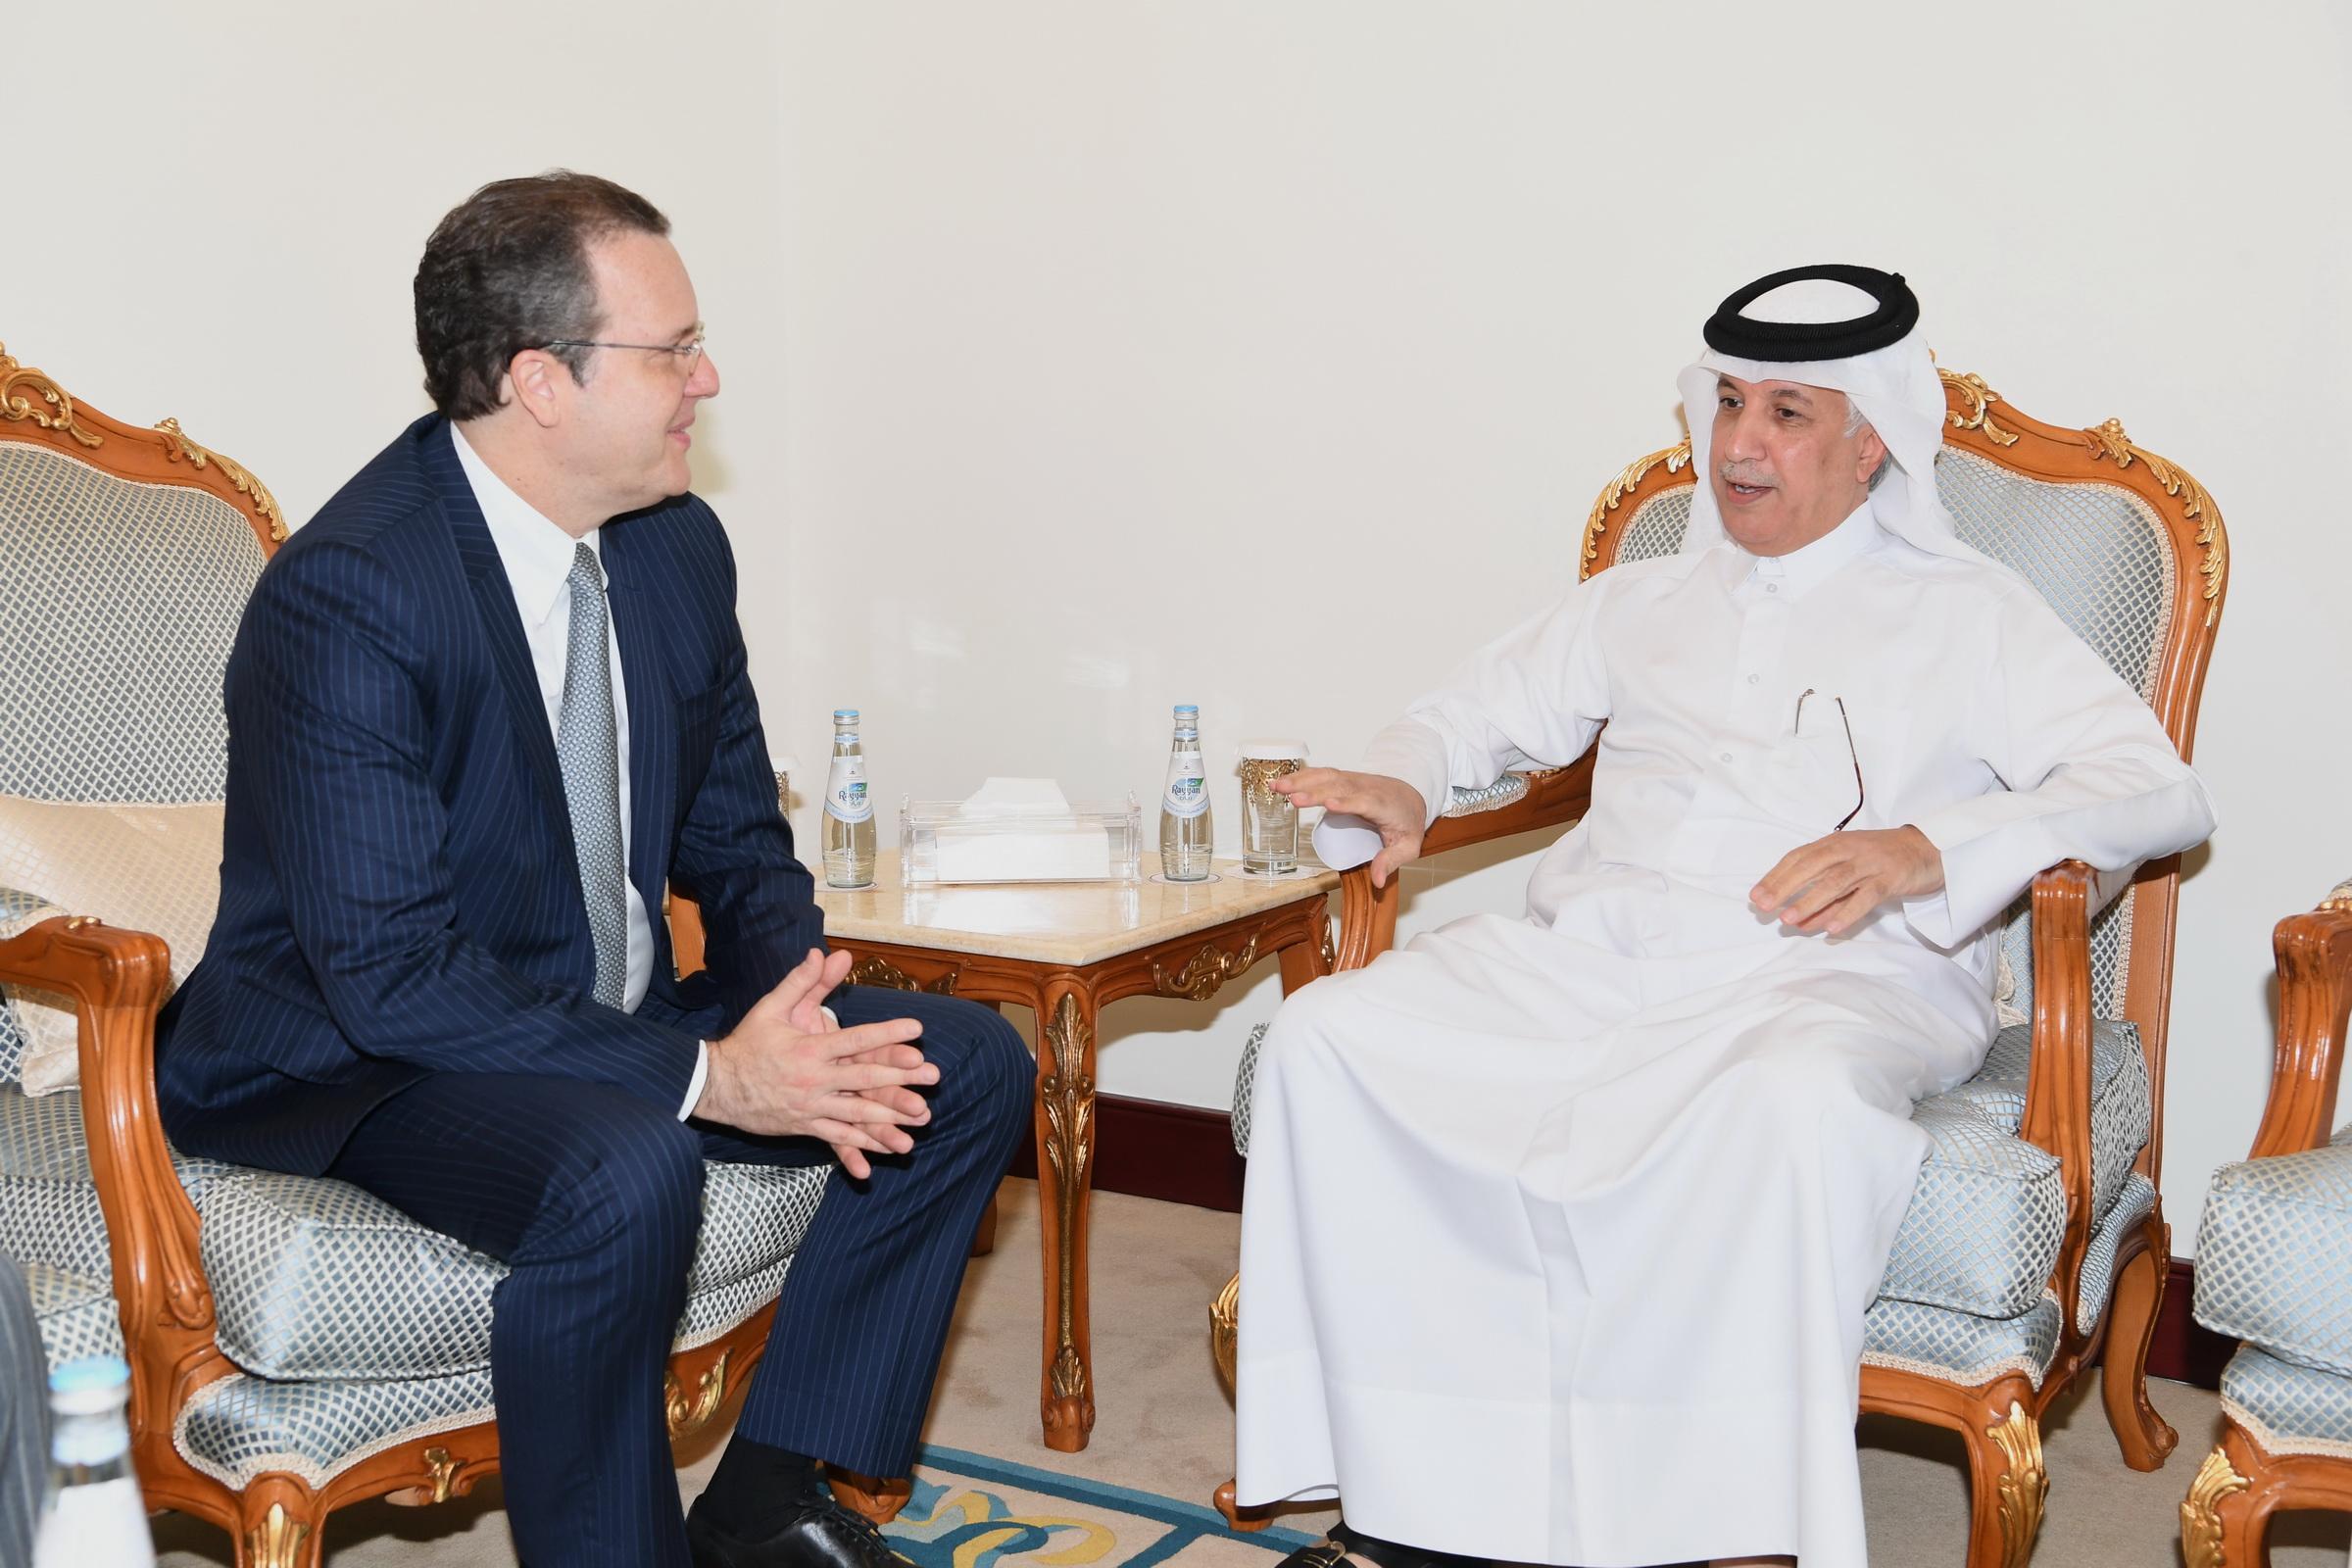 وزير الدولة للشؤون الخارجية يجتمع مع سكرتير المفاوضات الثنائية بوزارة الخارجية البرازيلية